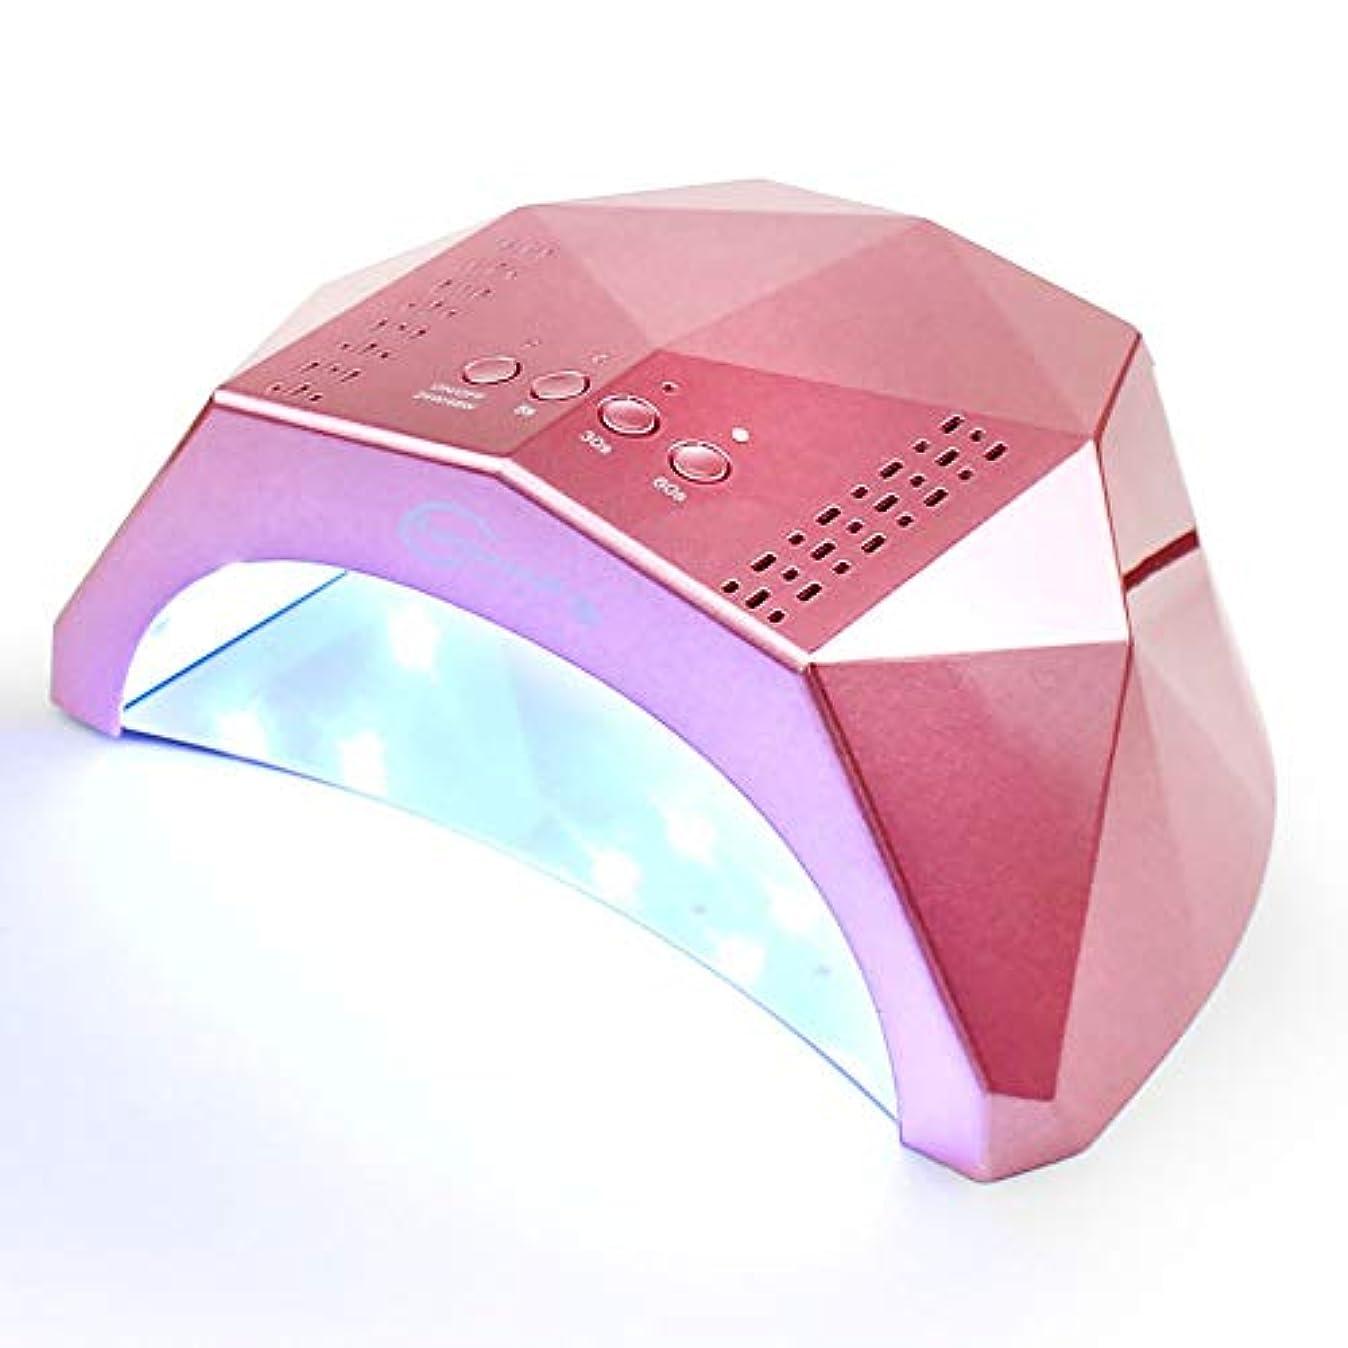 ロール封建収束ネイルポリッシュランプ - 光線療法ネイルマシン48Wスイッチ3ギアタイミング5S / 30S / 60S速乾性30ダブルライトランプビーズ